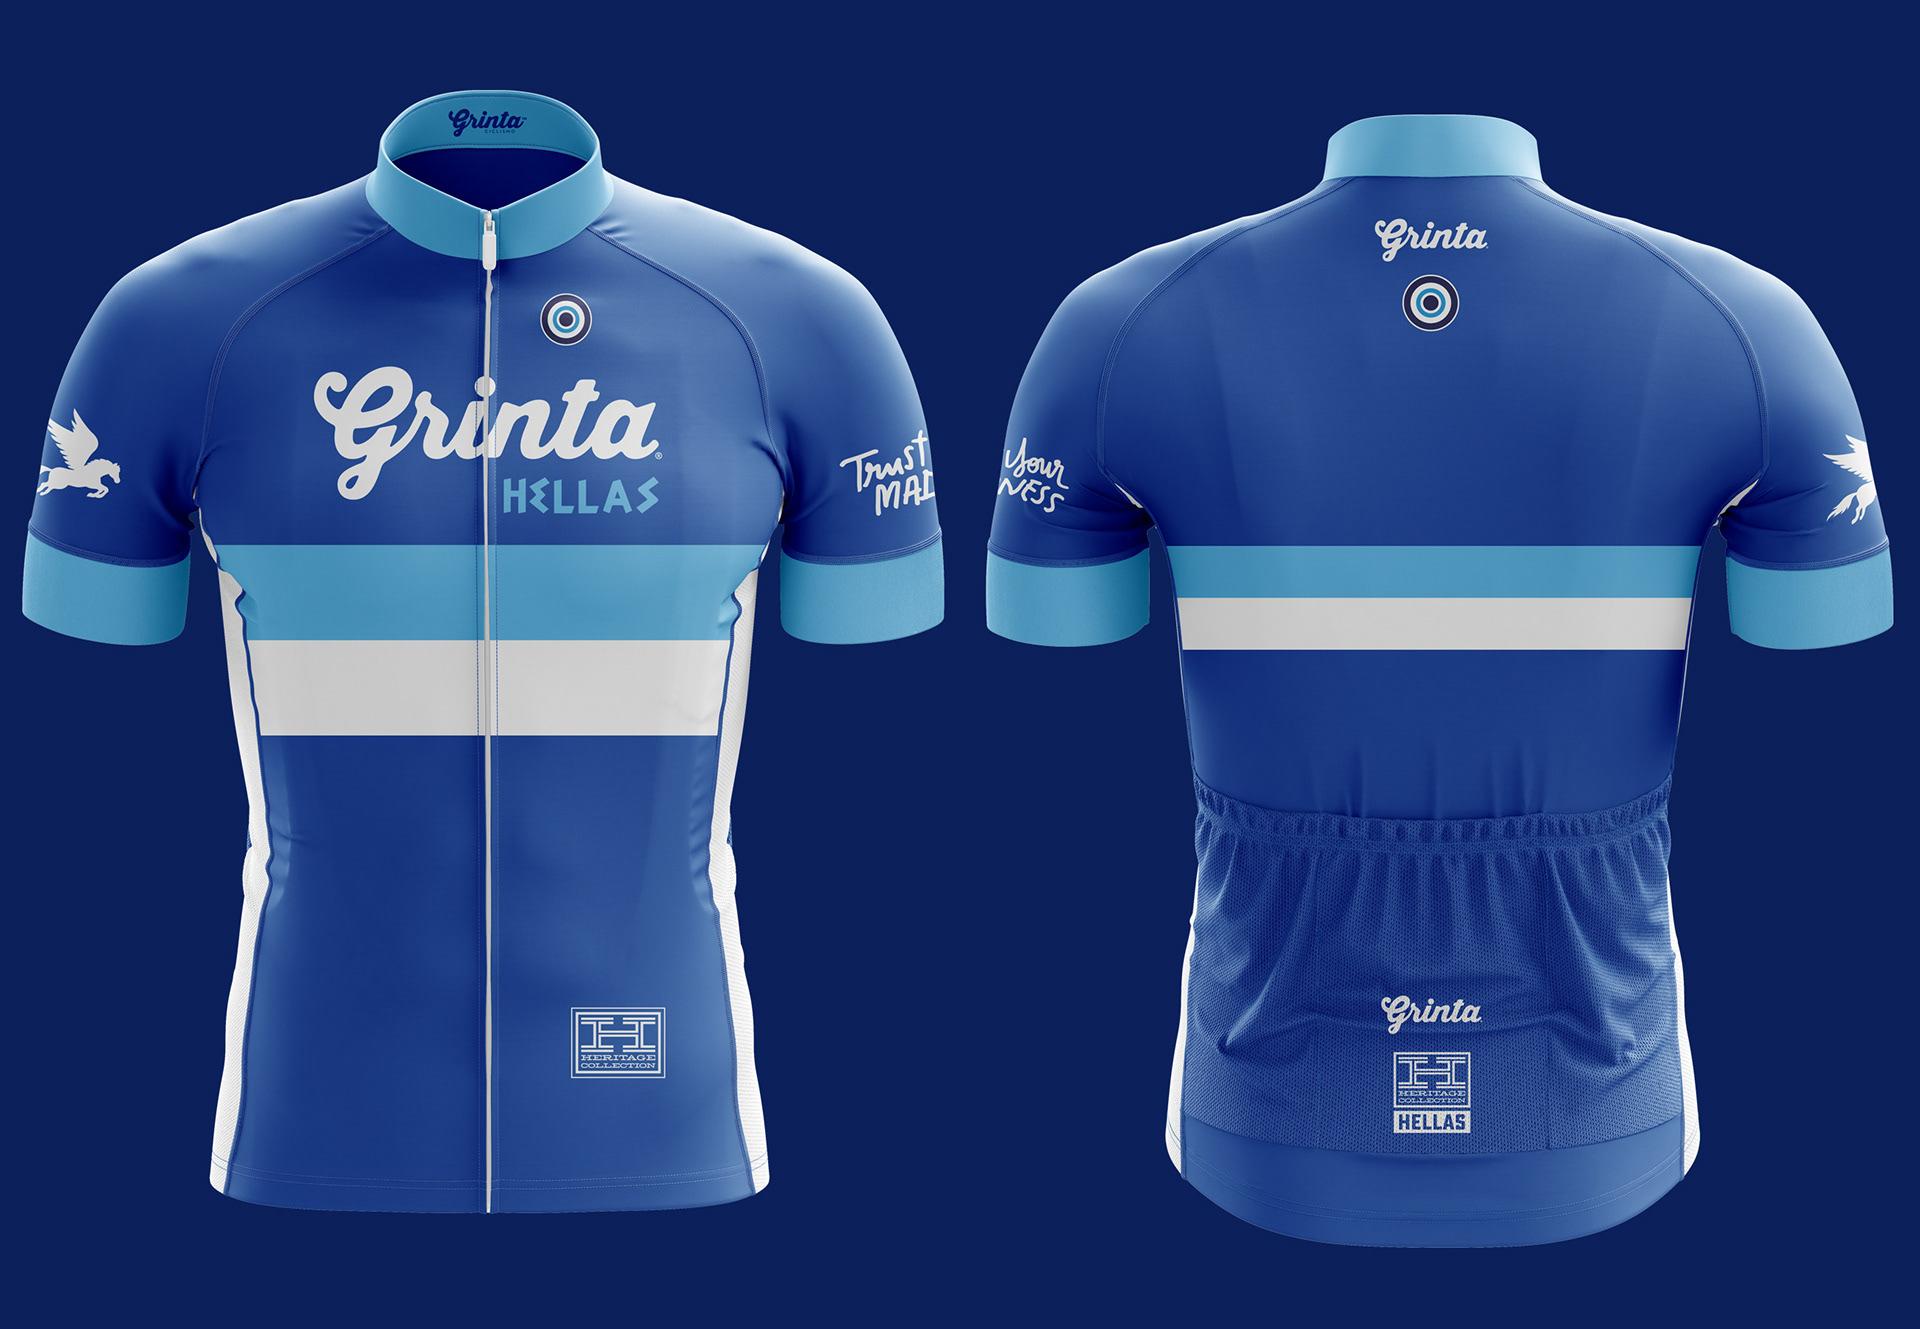 grinta-jerseys-greek-hellas-heritage.jpg